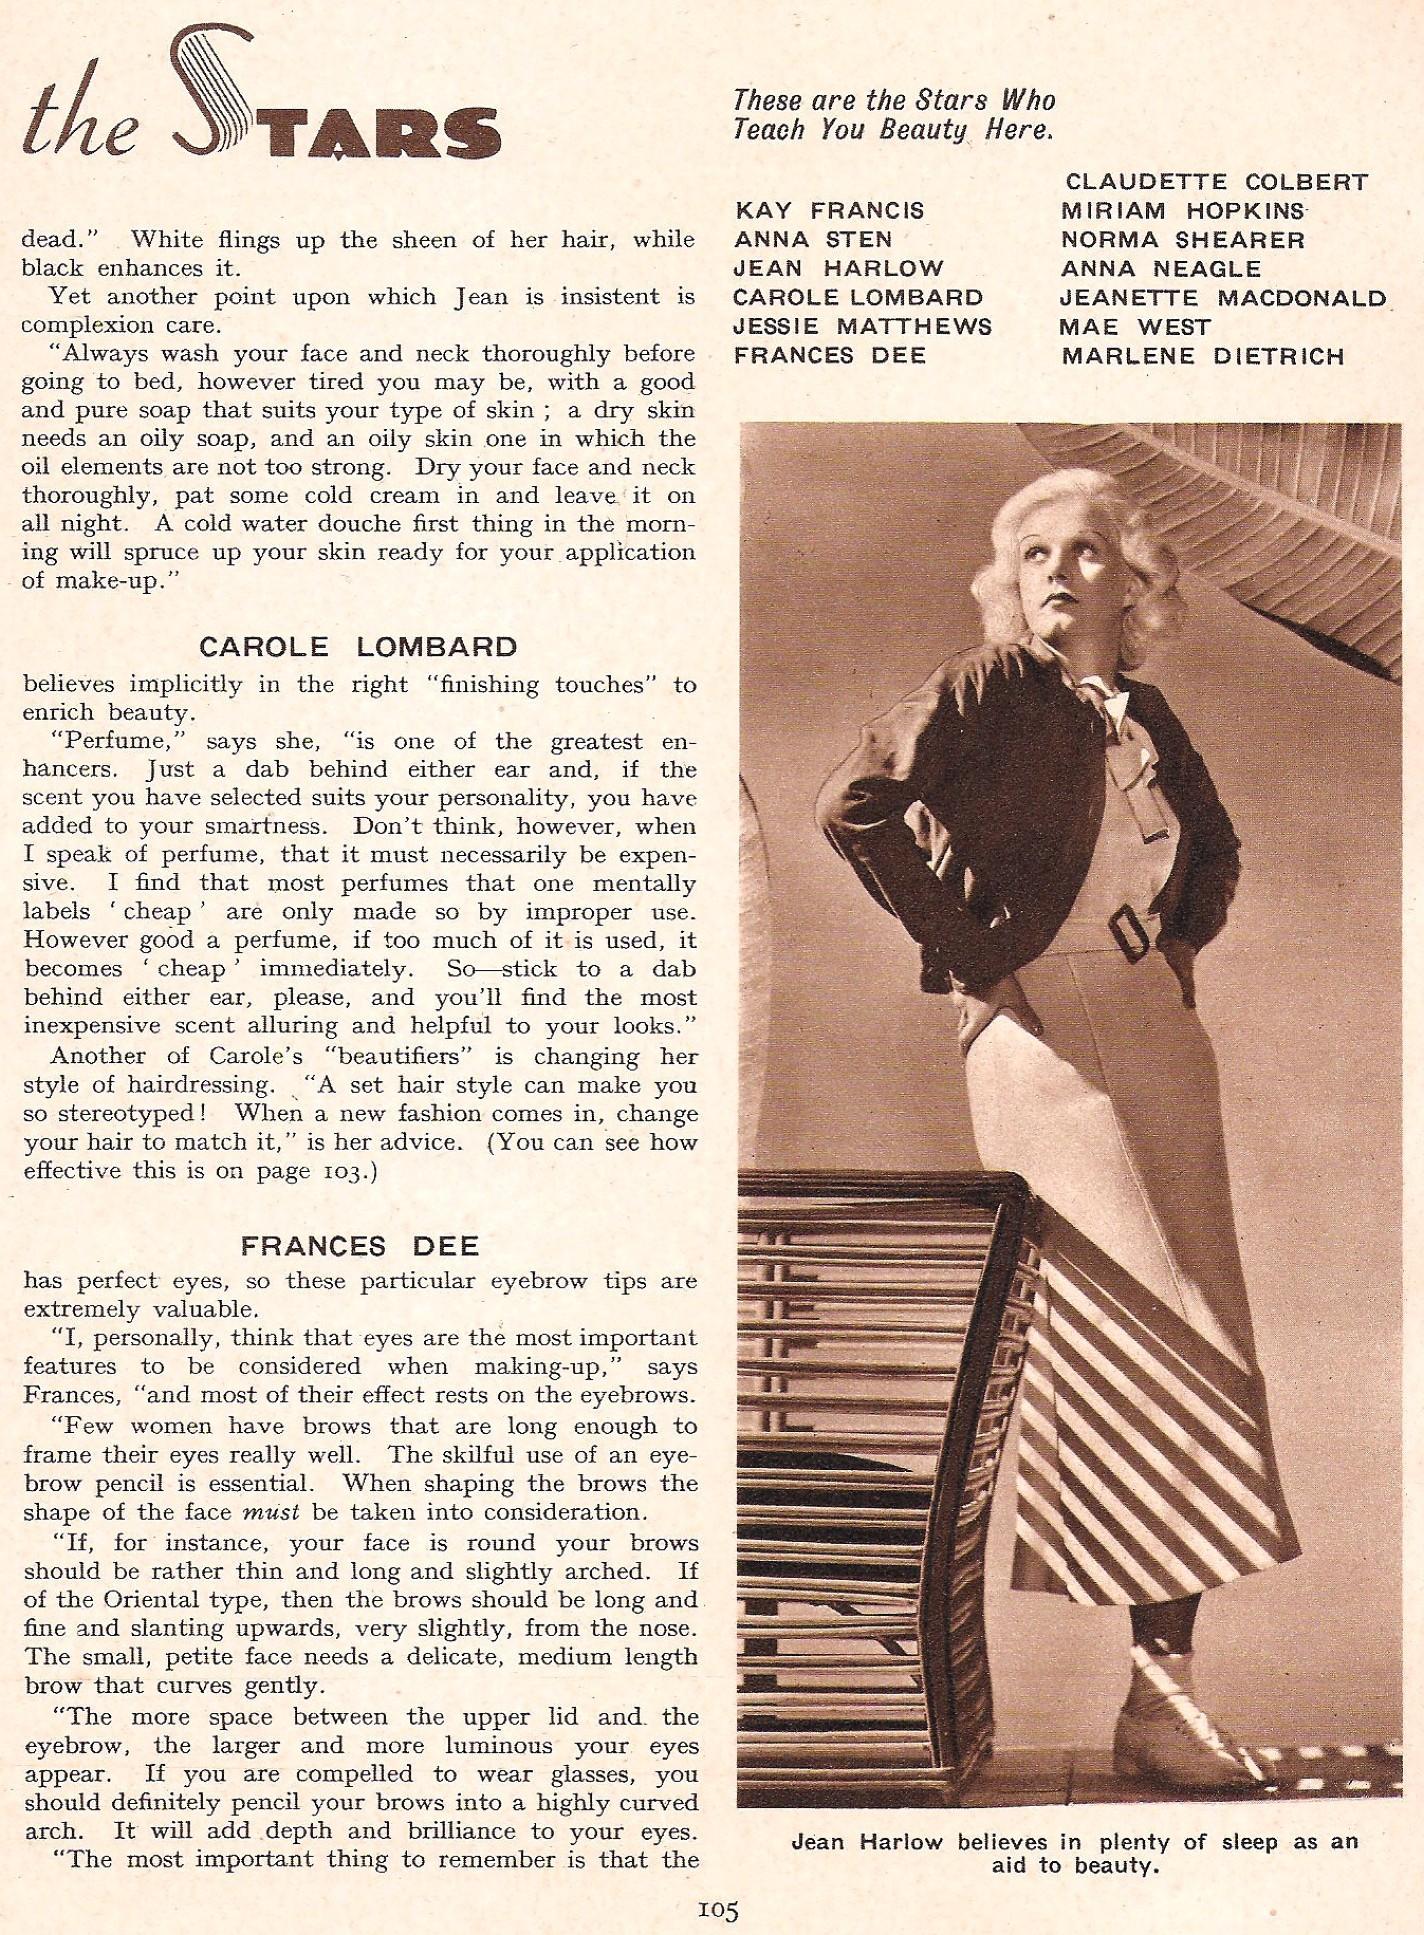 carole lombard film pictorial annual 1935da